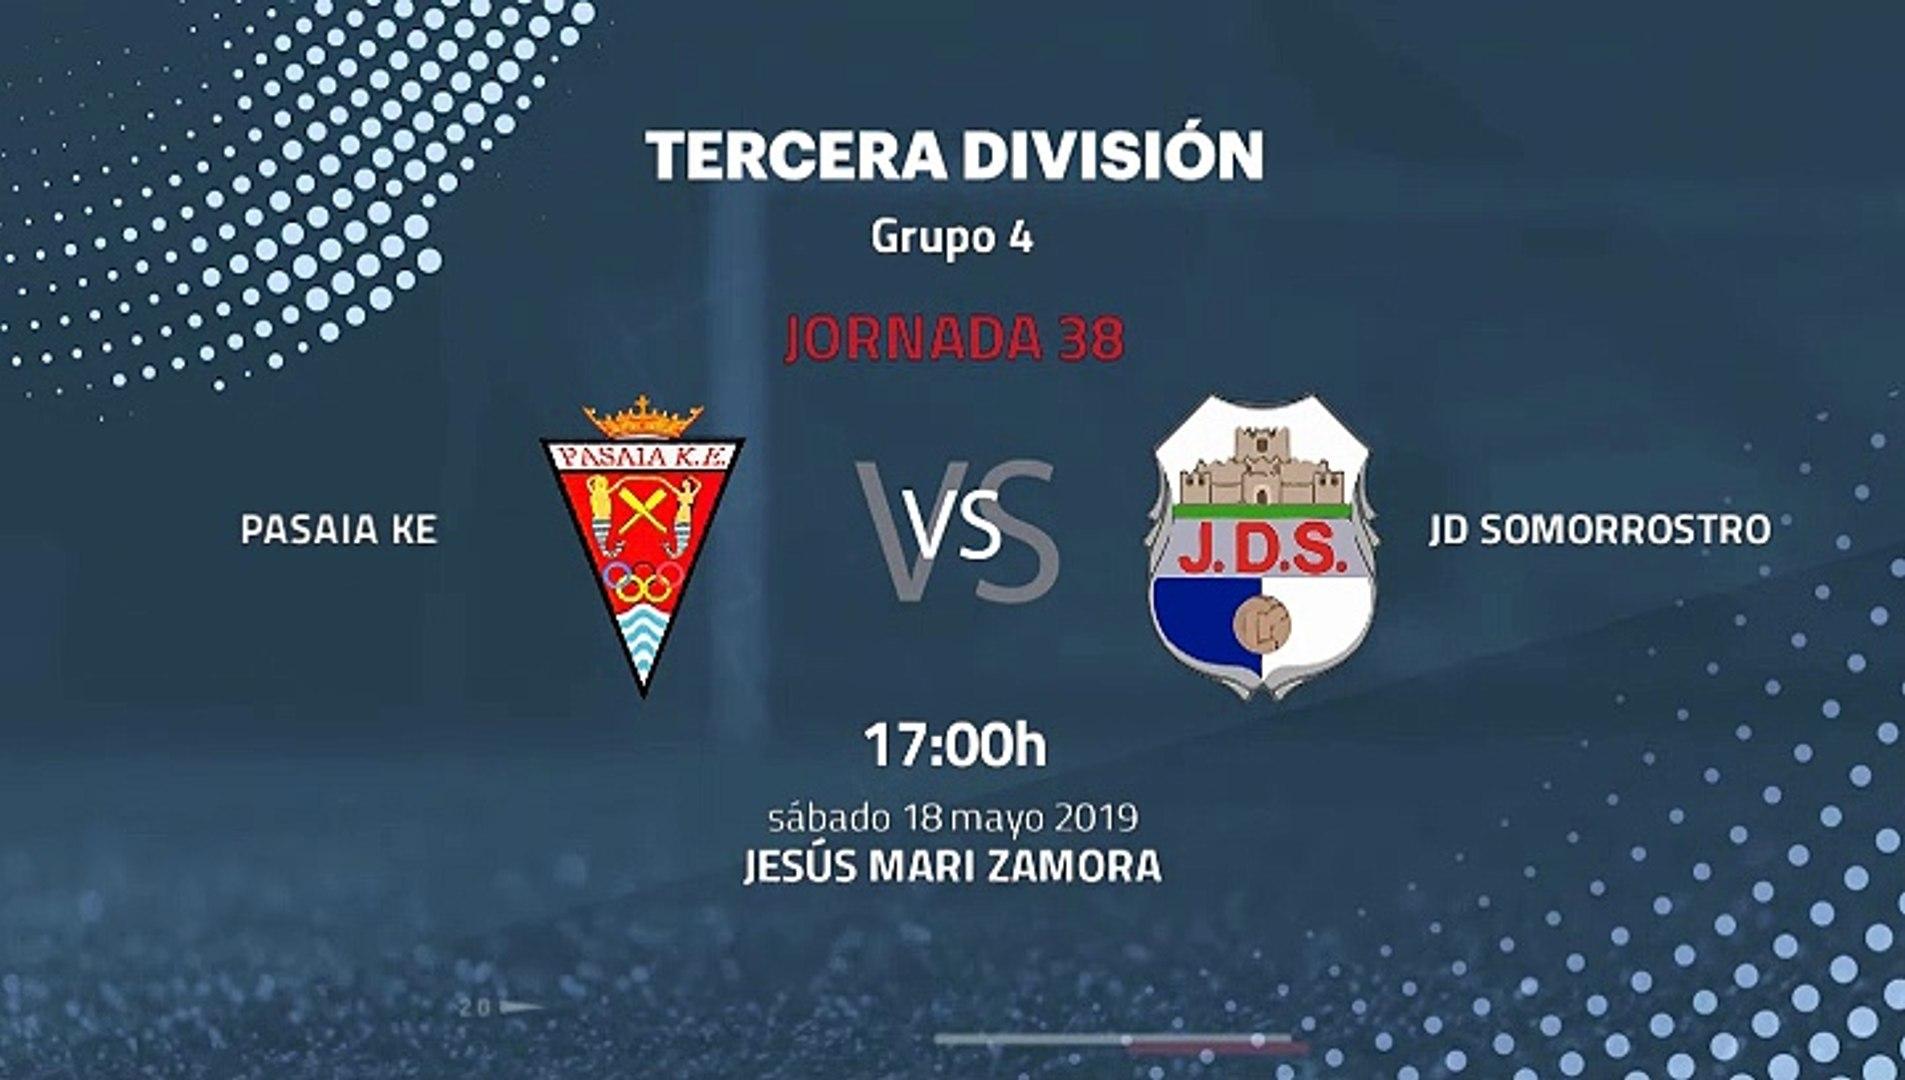 Previa partido entre Pasaia KE y JD Somorrostro Jornada 38 Tercera División